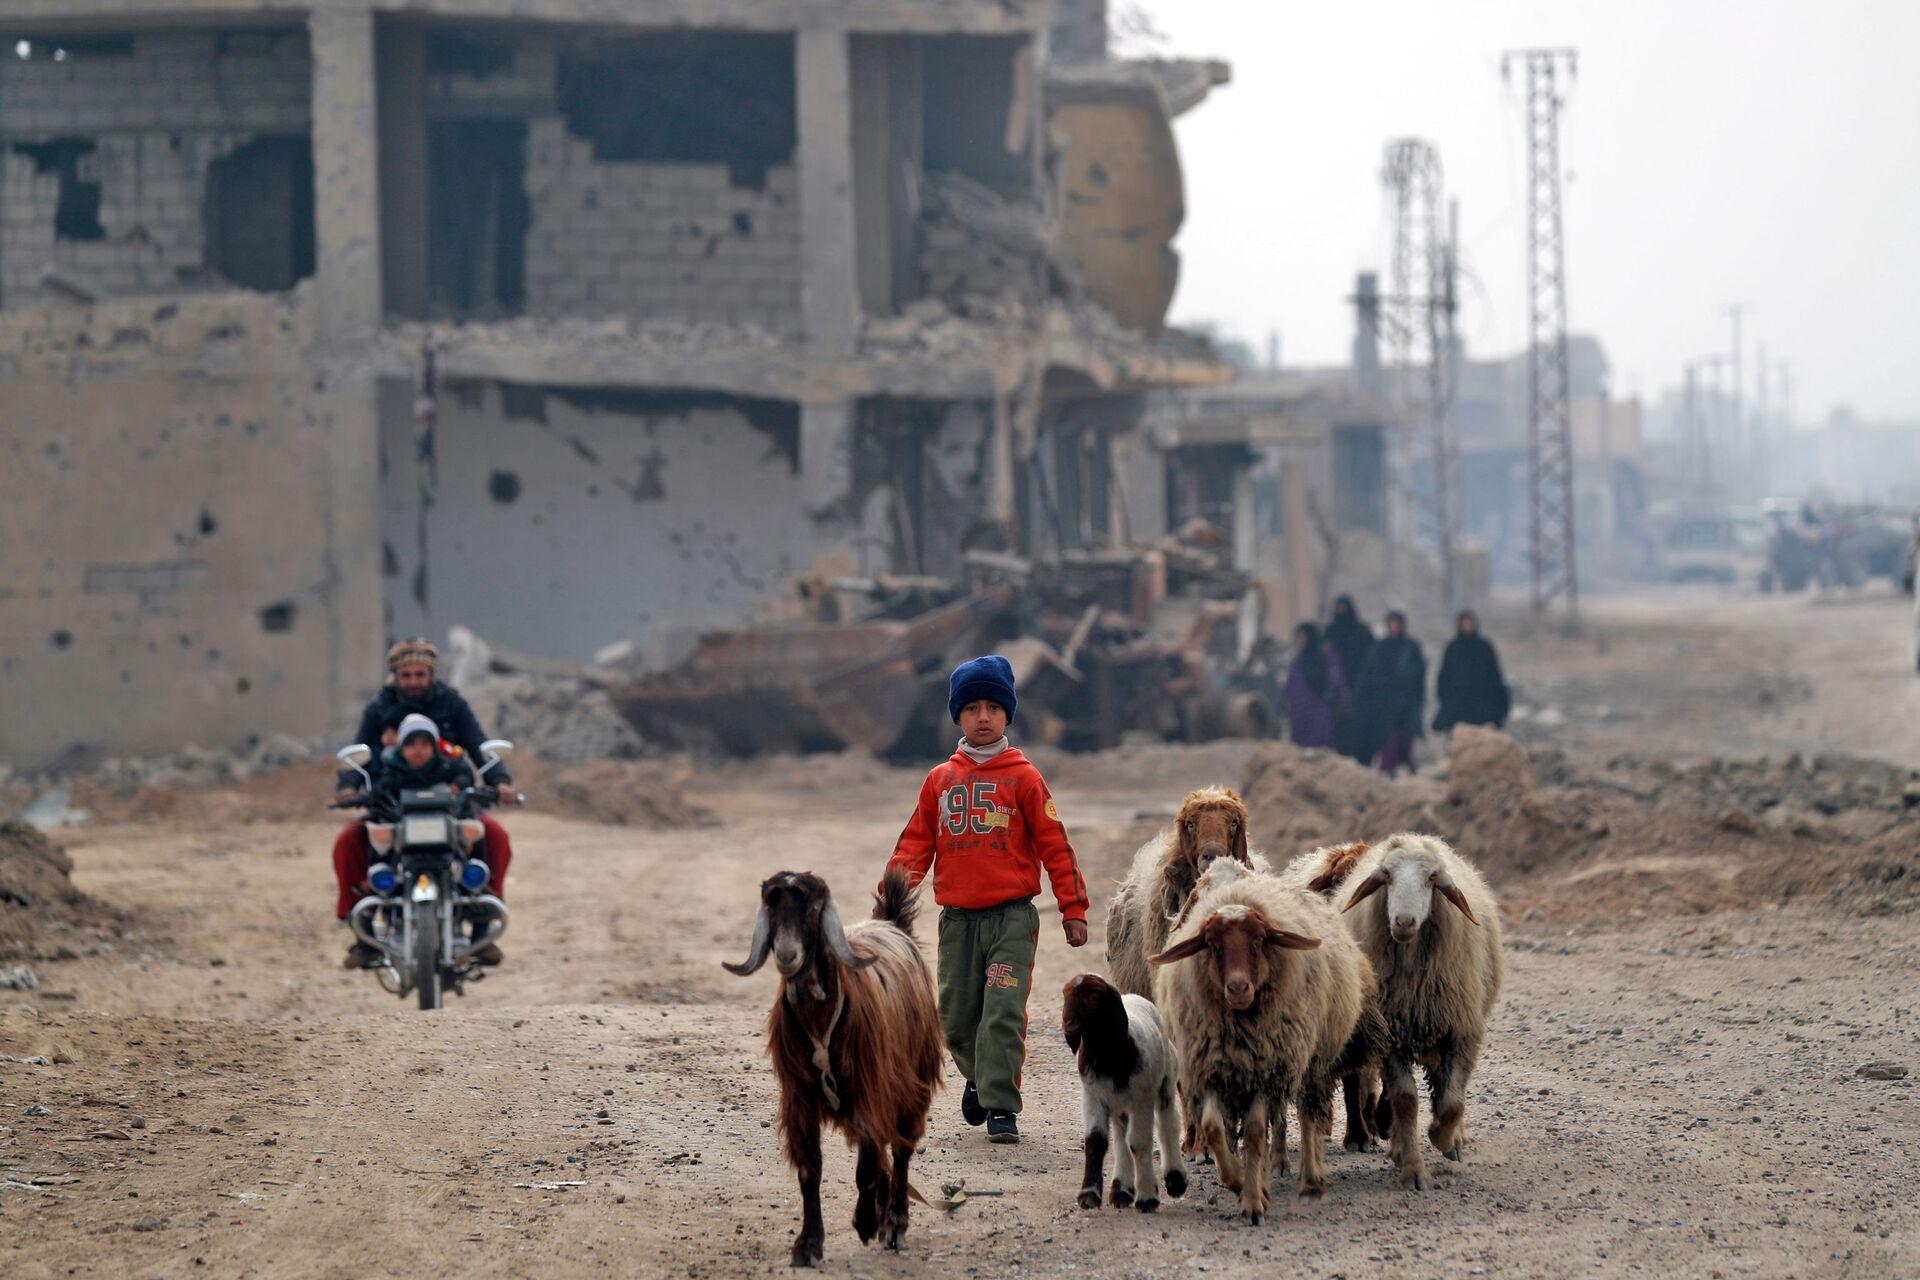 Местные жители возвращаются в сирийский город Хаджин  - РИА Новости, 1920, 29.09.2020